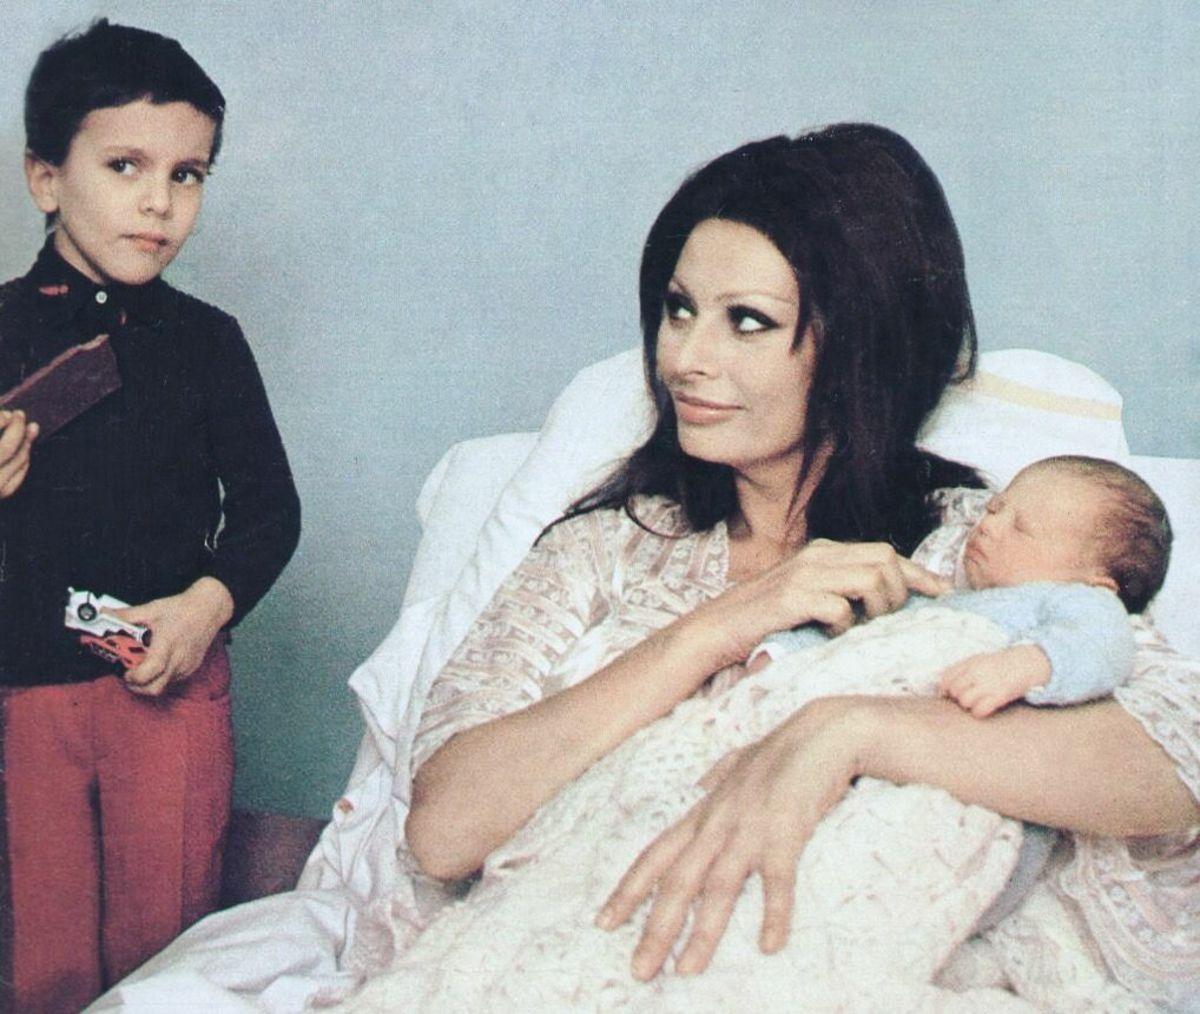 Thập niên 70 chấm dứt thời kỳ Hoàng kim của Hollywood. Sophia Loren lúc này là mẹ đơn thân nuôi hai con - kết quả từ cuộc hôn nhân với ông bầu Carlo Ponti (1957-1962). Gánh nặng gia đình khiến bà ít xuất hiện trên màn ảnh. Từ 1970 - 1980, người đẹp chủ yếu đóng phim tại quê nhà. Ảnh: opalinedream - Pinterest